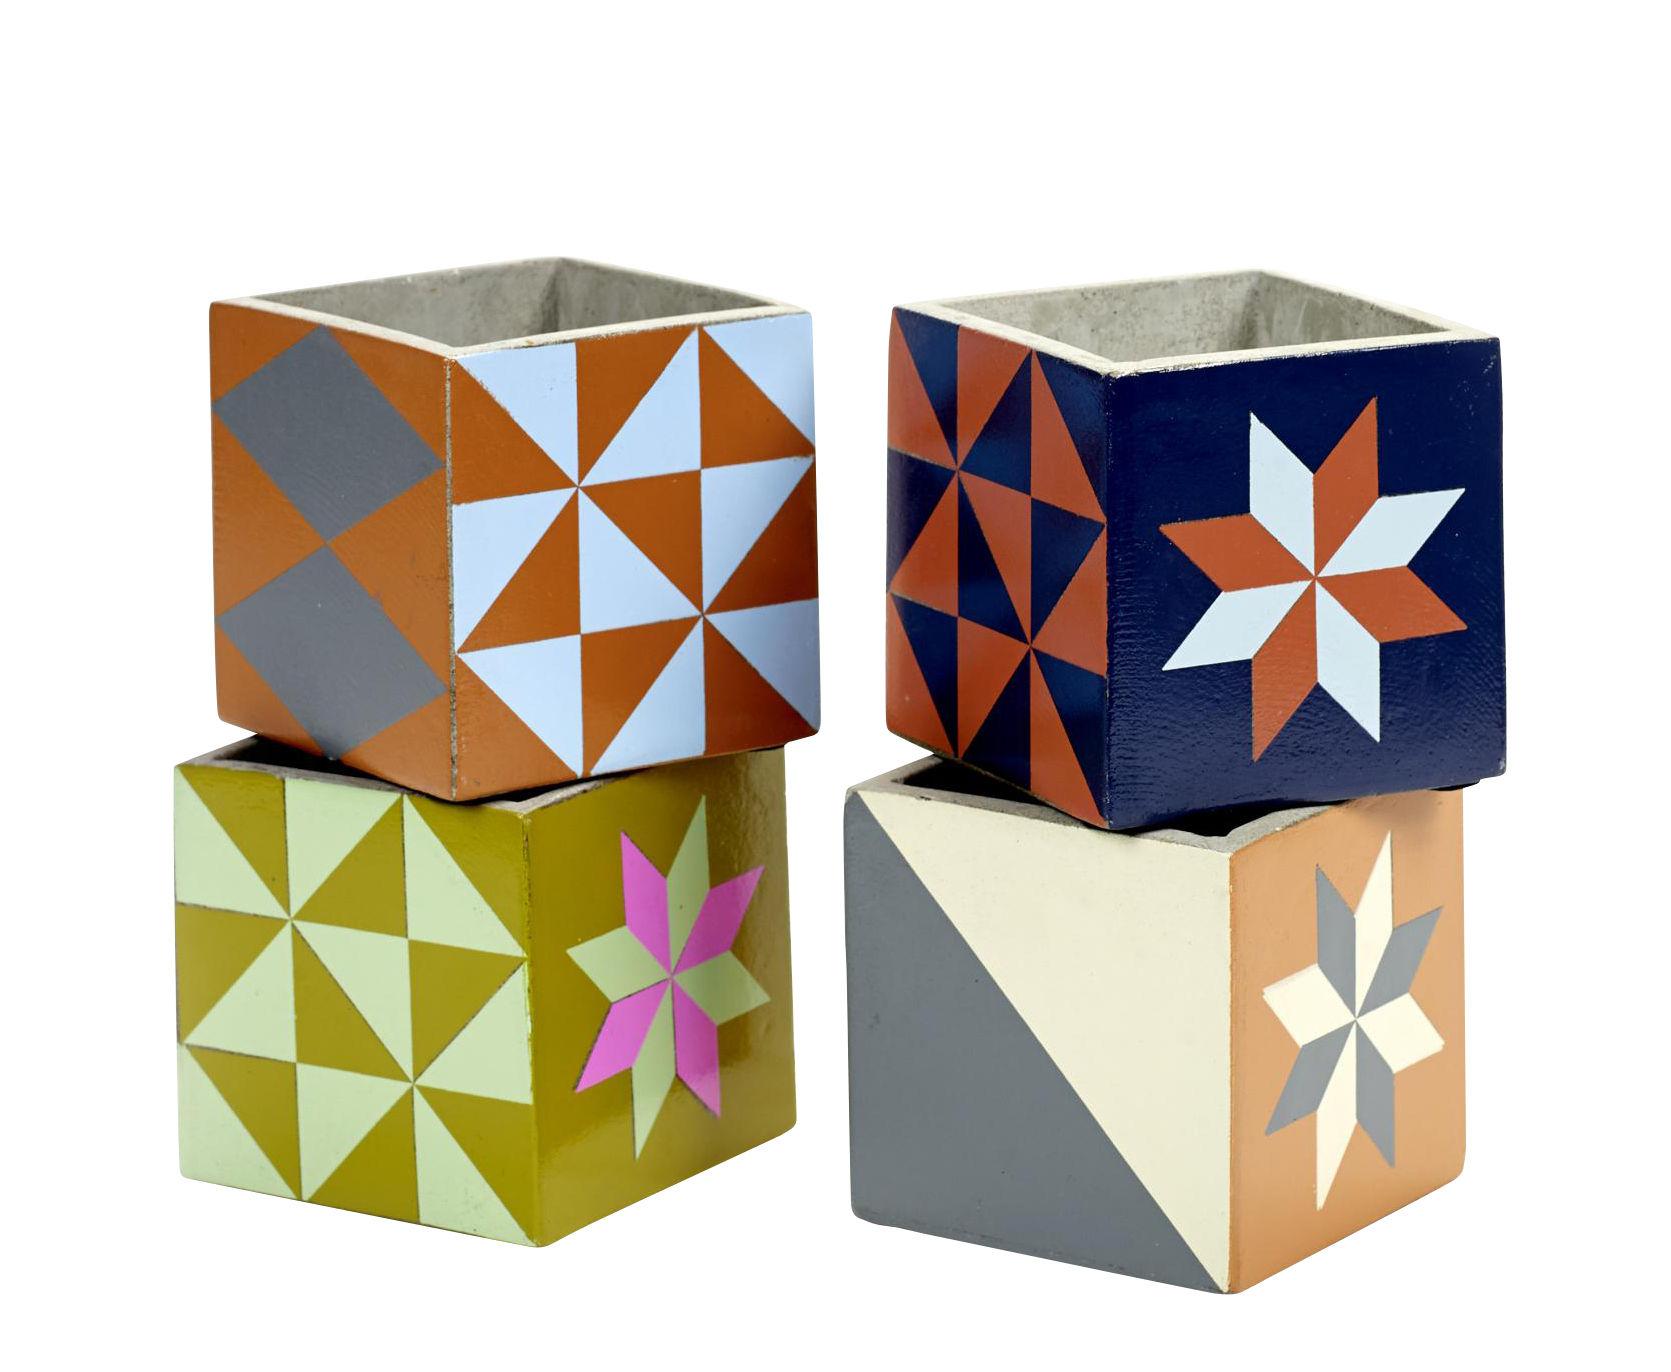 Pot marie small set de 4 carreaux de ciment small 11 cm multicolore serax for Set de table multicolore